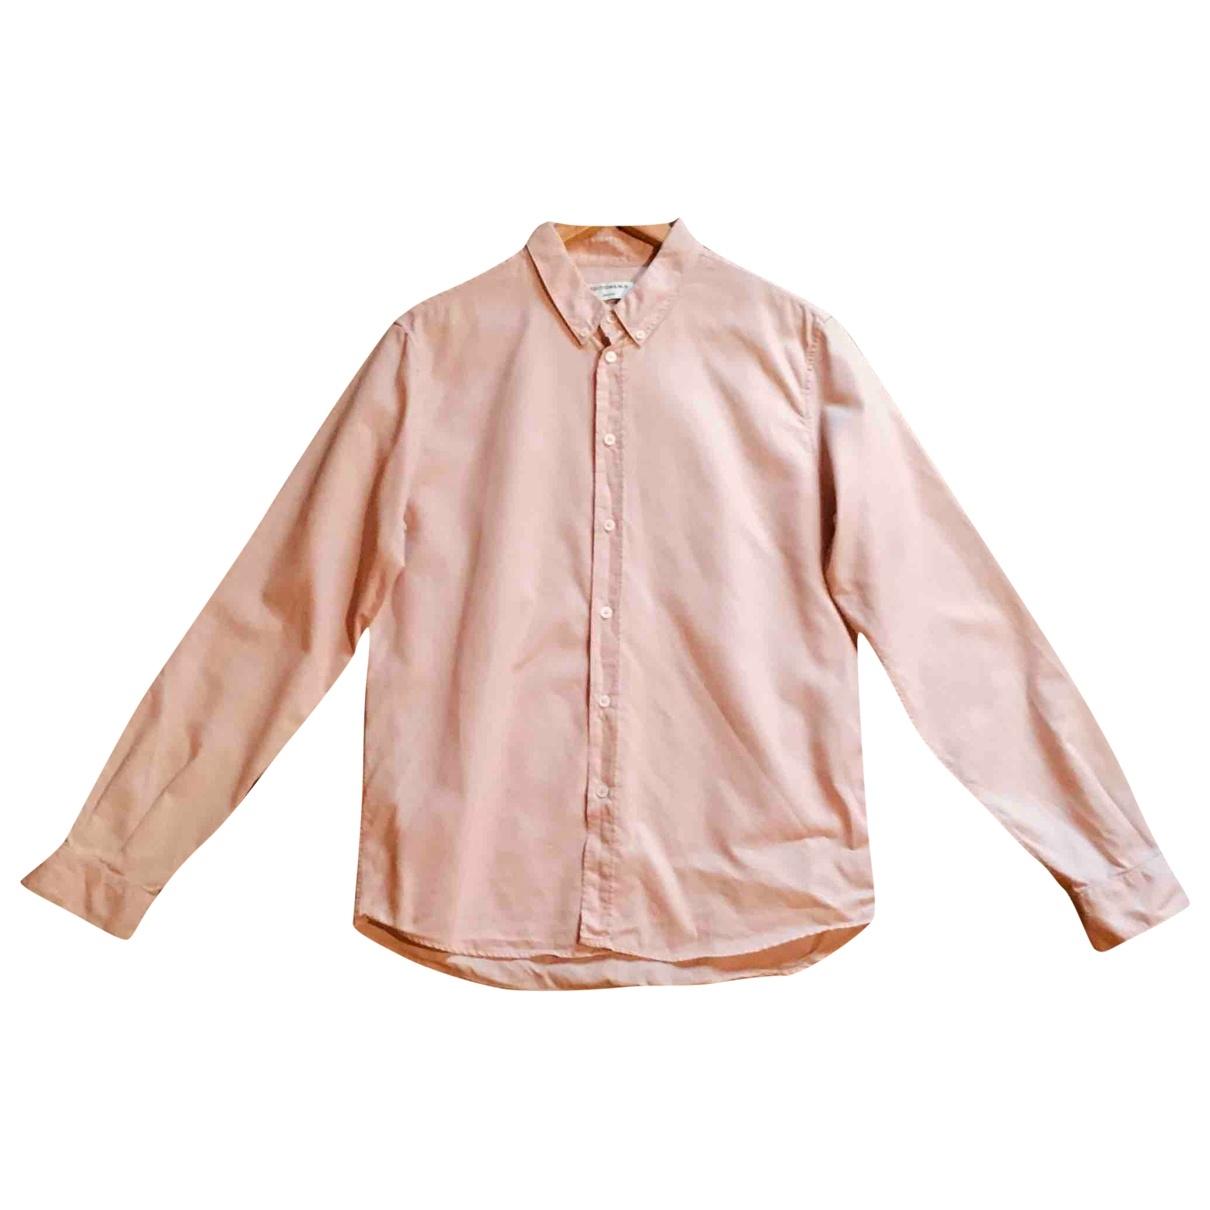 Editions M.r \N Pink Cotton Shirts for Men 40 EU (tour de cou / collar)